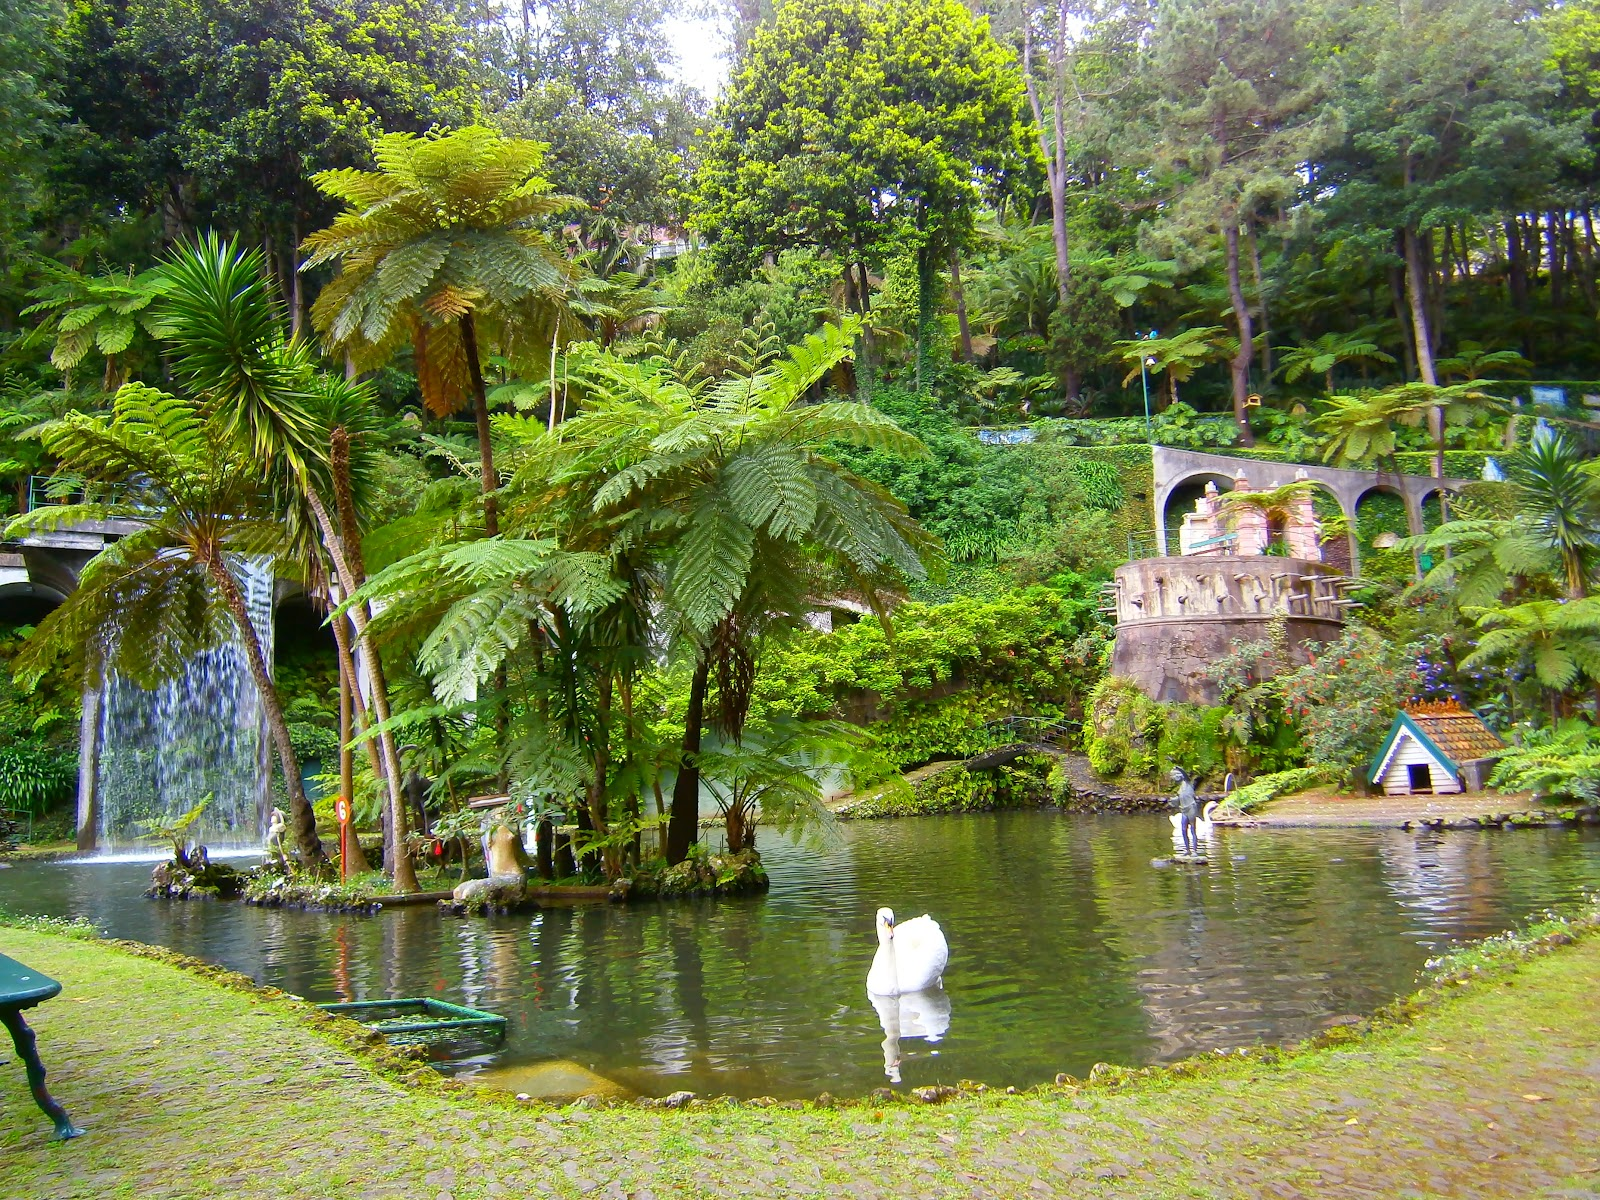 fotos de jardim tropical : fotos de jardim tropical:Jardim Suspenso: Madeira: Jardim Tropical Monte Palace.